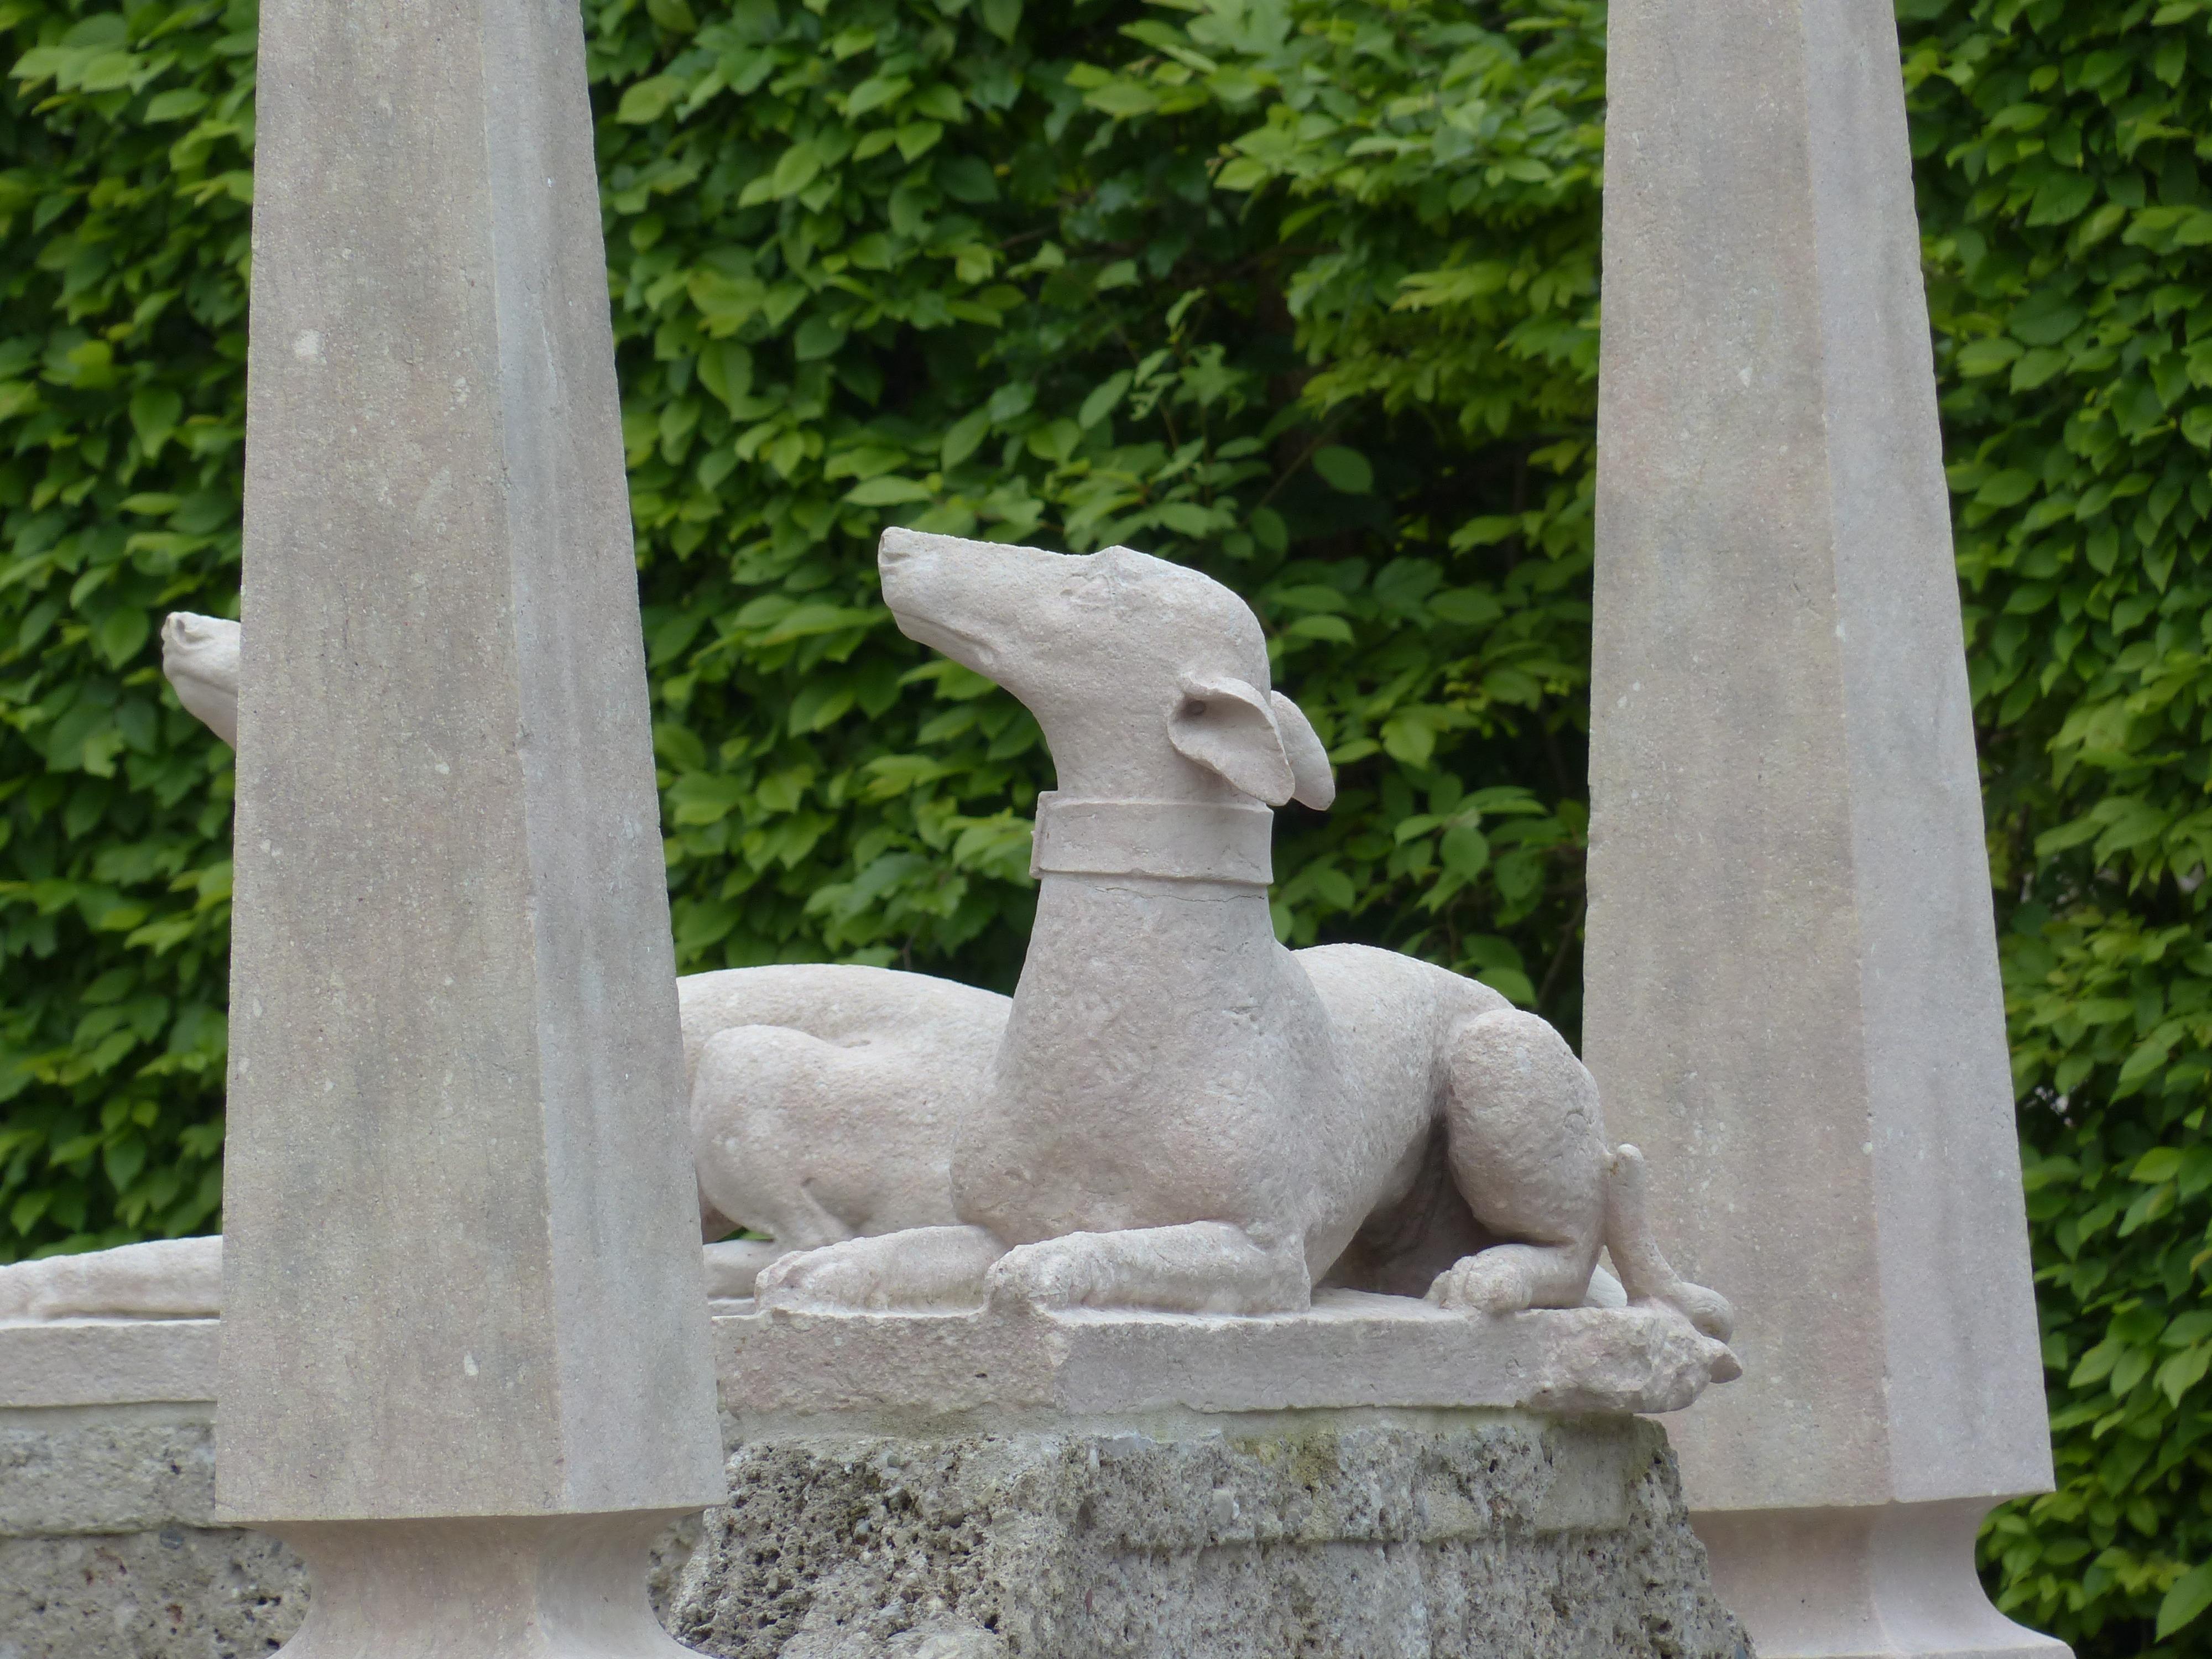 Dog Monument Statue Garden Sculpture Memorial Art Carving Stone Figure Garden  Statue Ornamental Garden Hellbrunn Mannerist